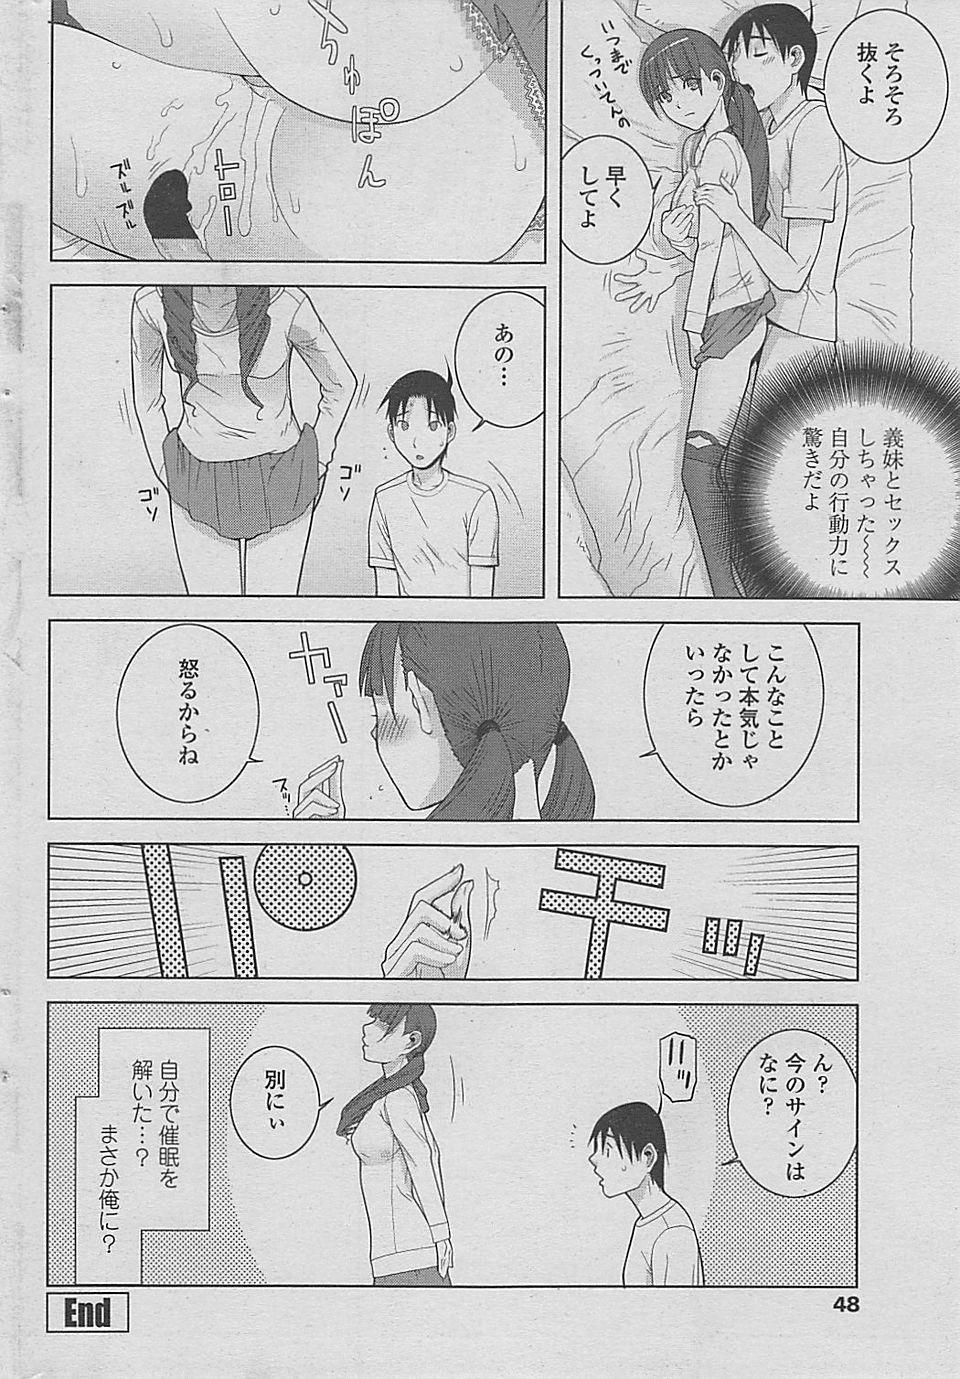 【エロ漫画・エロ同人誌】巨乳の義妹に催眠術かけてって言われたからかけてみたらかかったみたいwツンデレ全開になっちゃってセックスしちゃったwww (16)